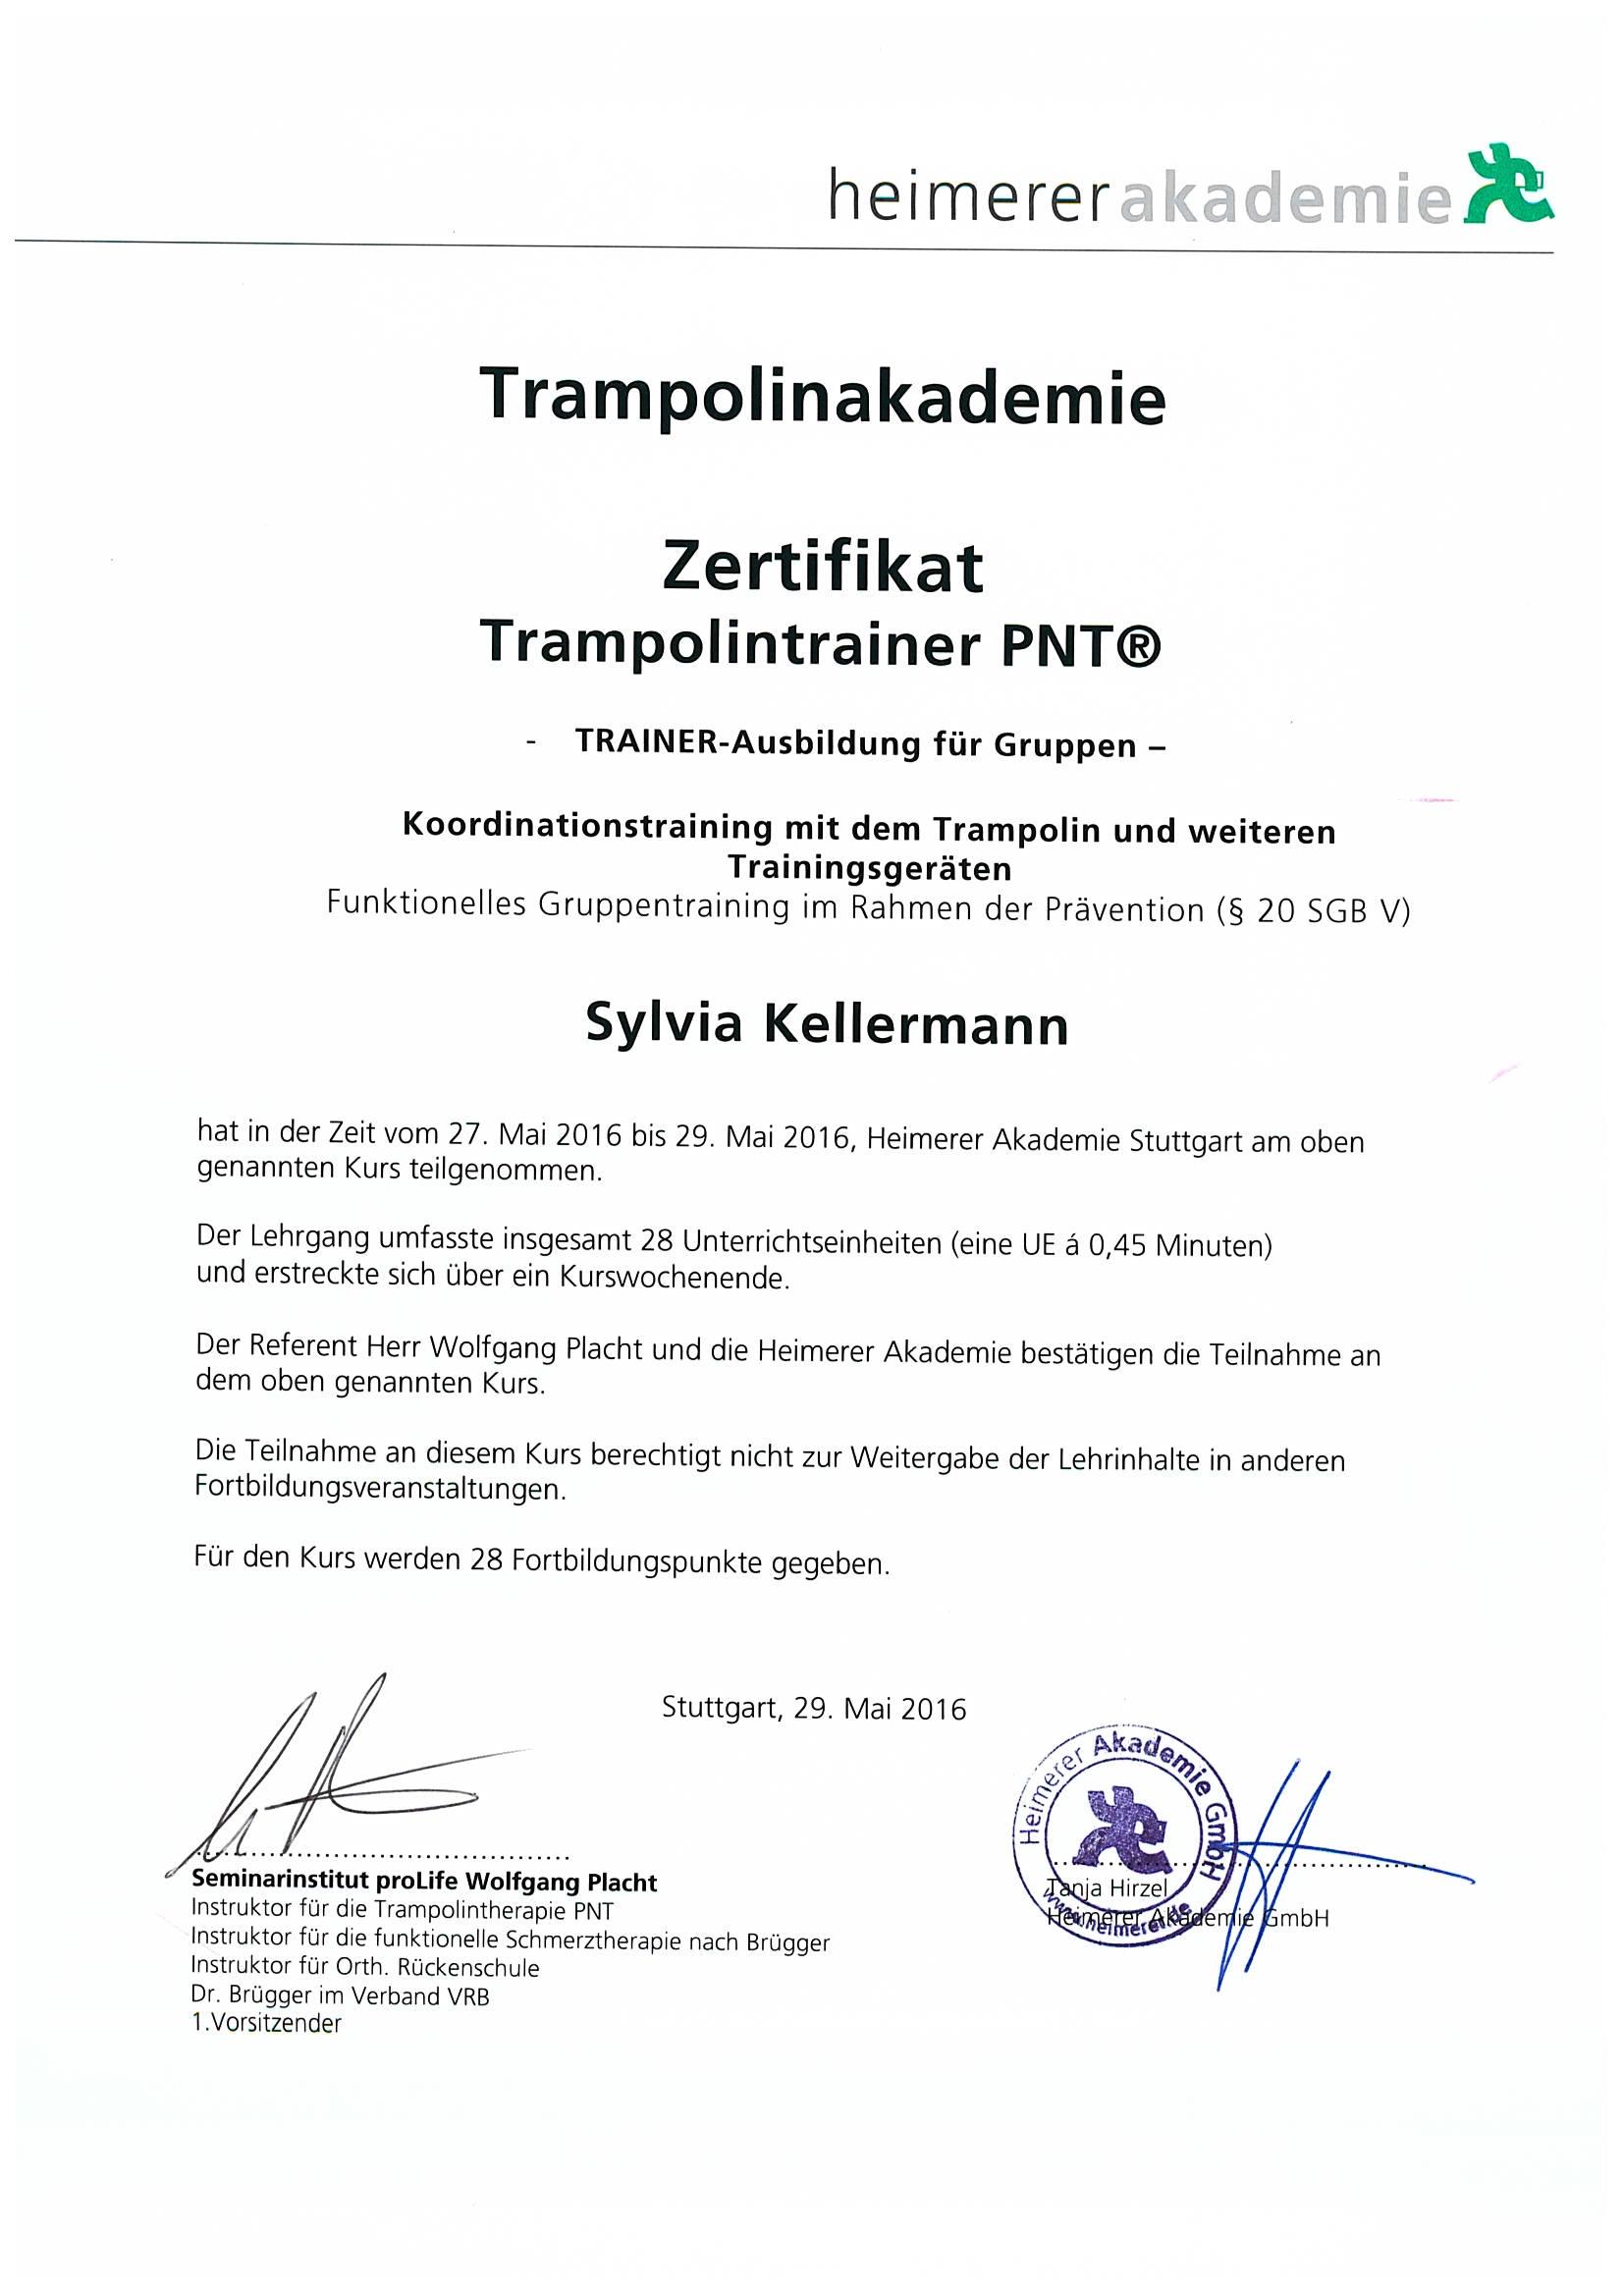 Zertifikate Sylvia Kellermann Präventologe Gesundheits-Coach